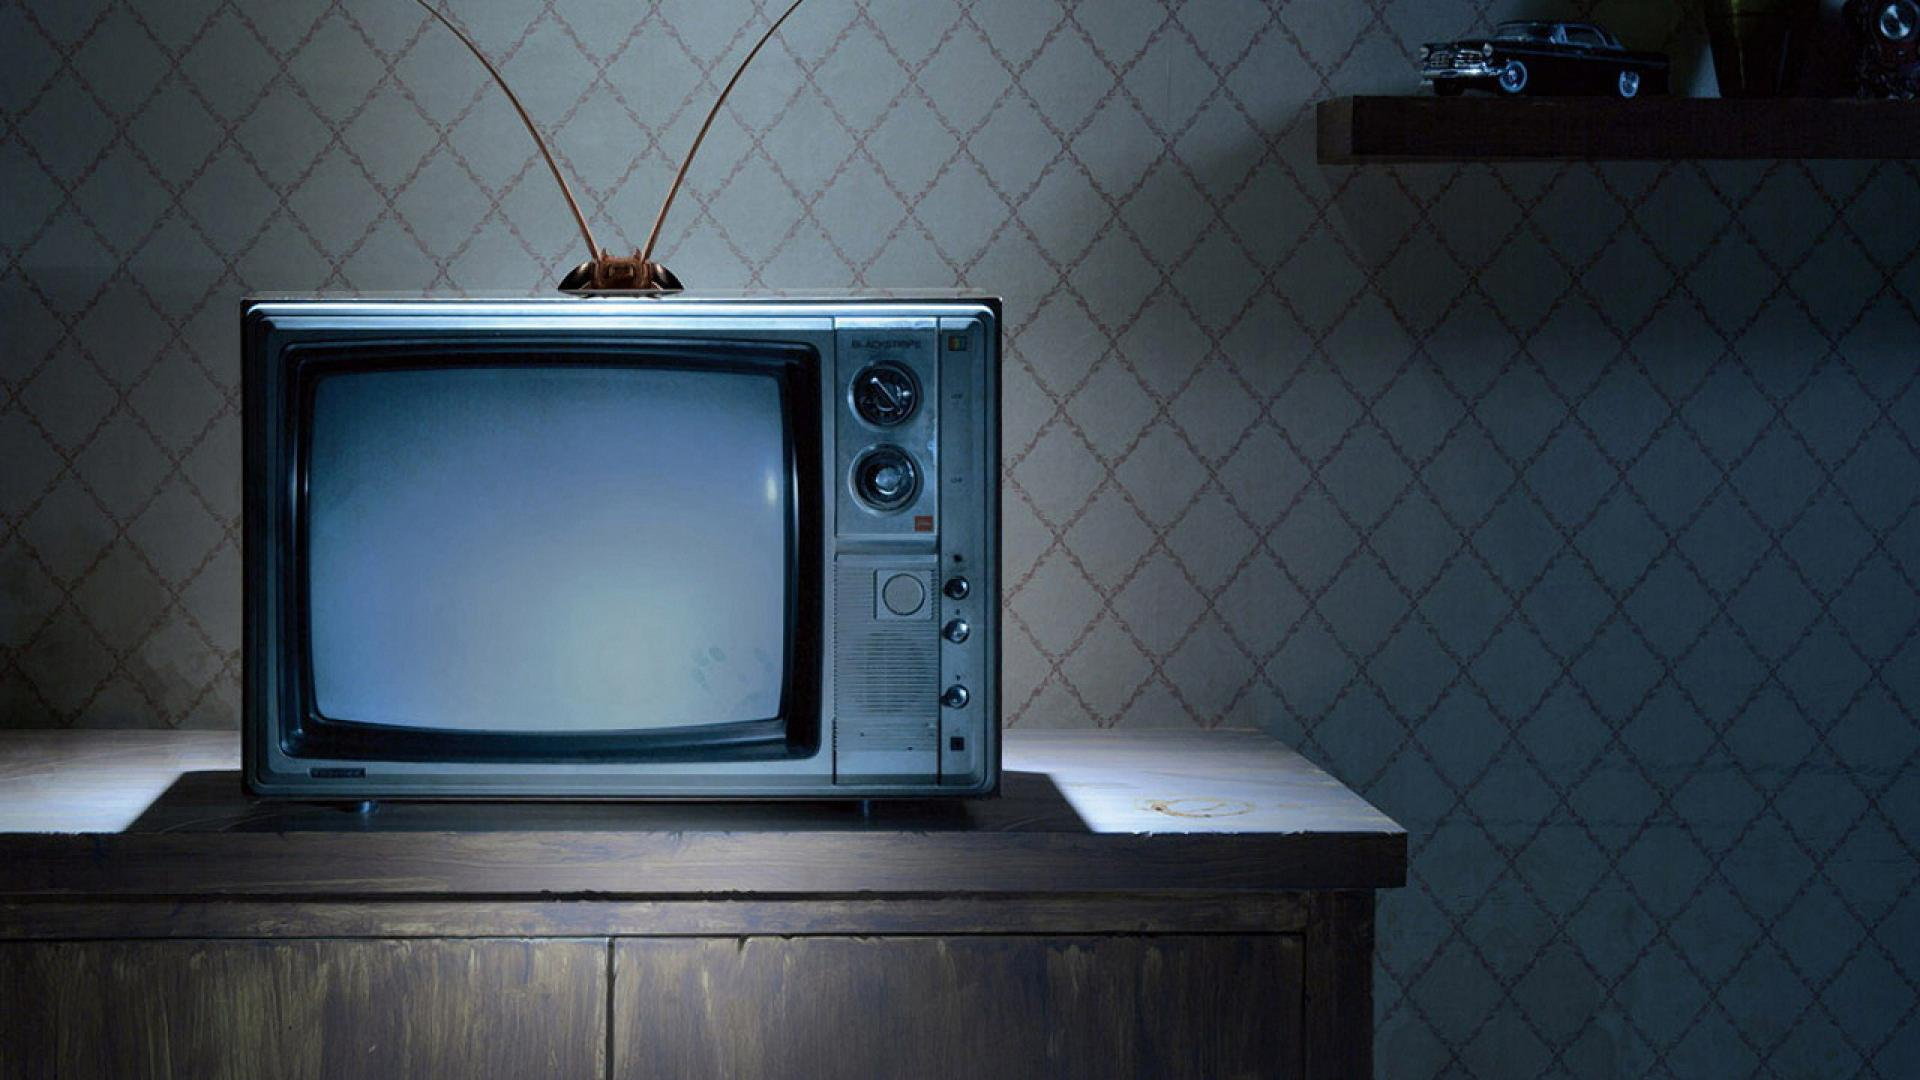 Truyền hình thực tế liệu có… thực tế? - Ảnh 6.